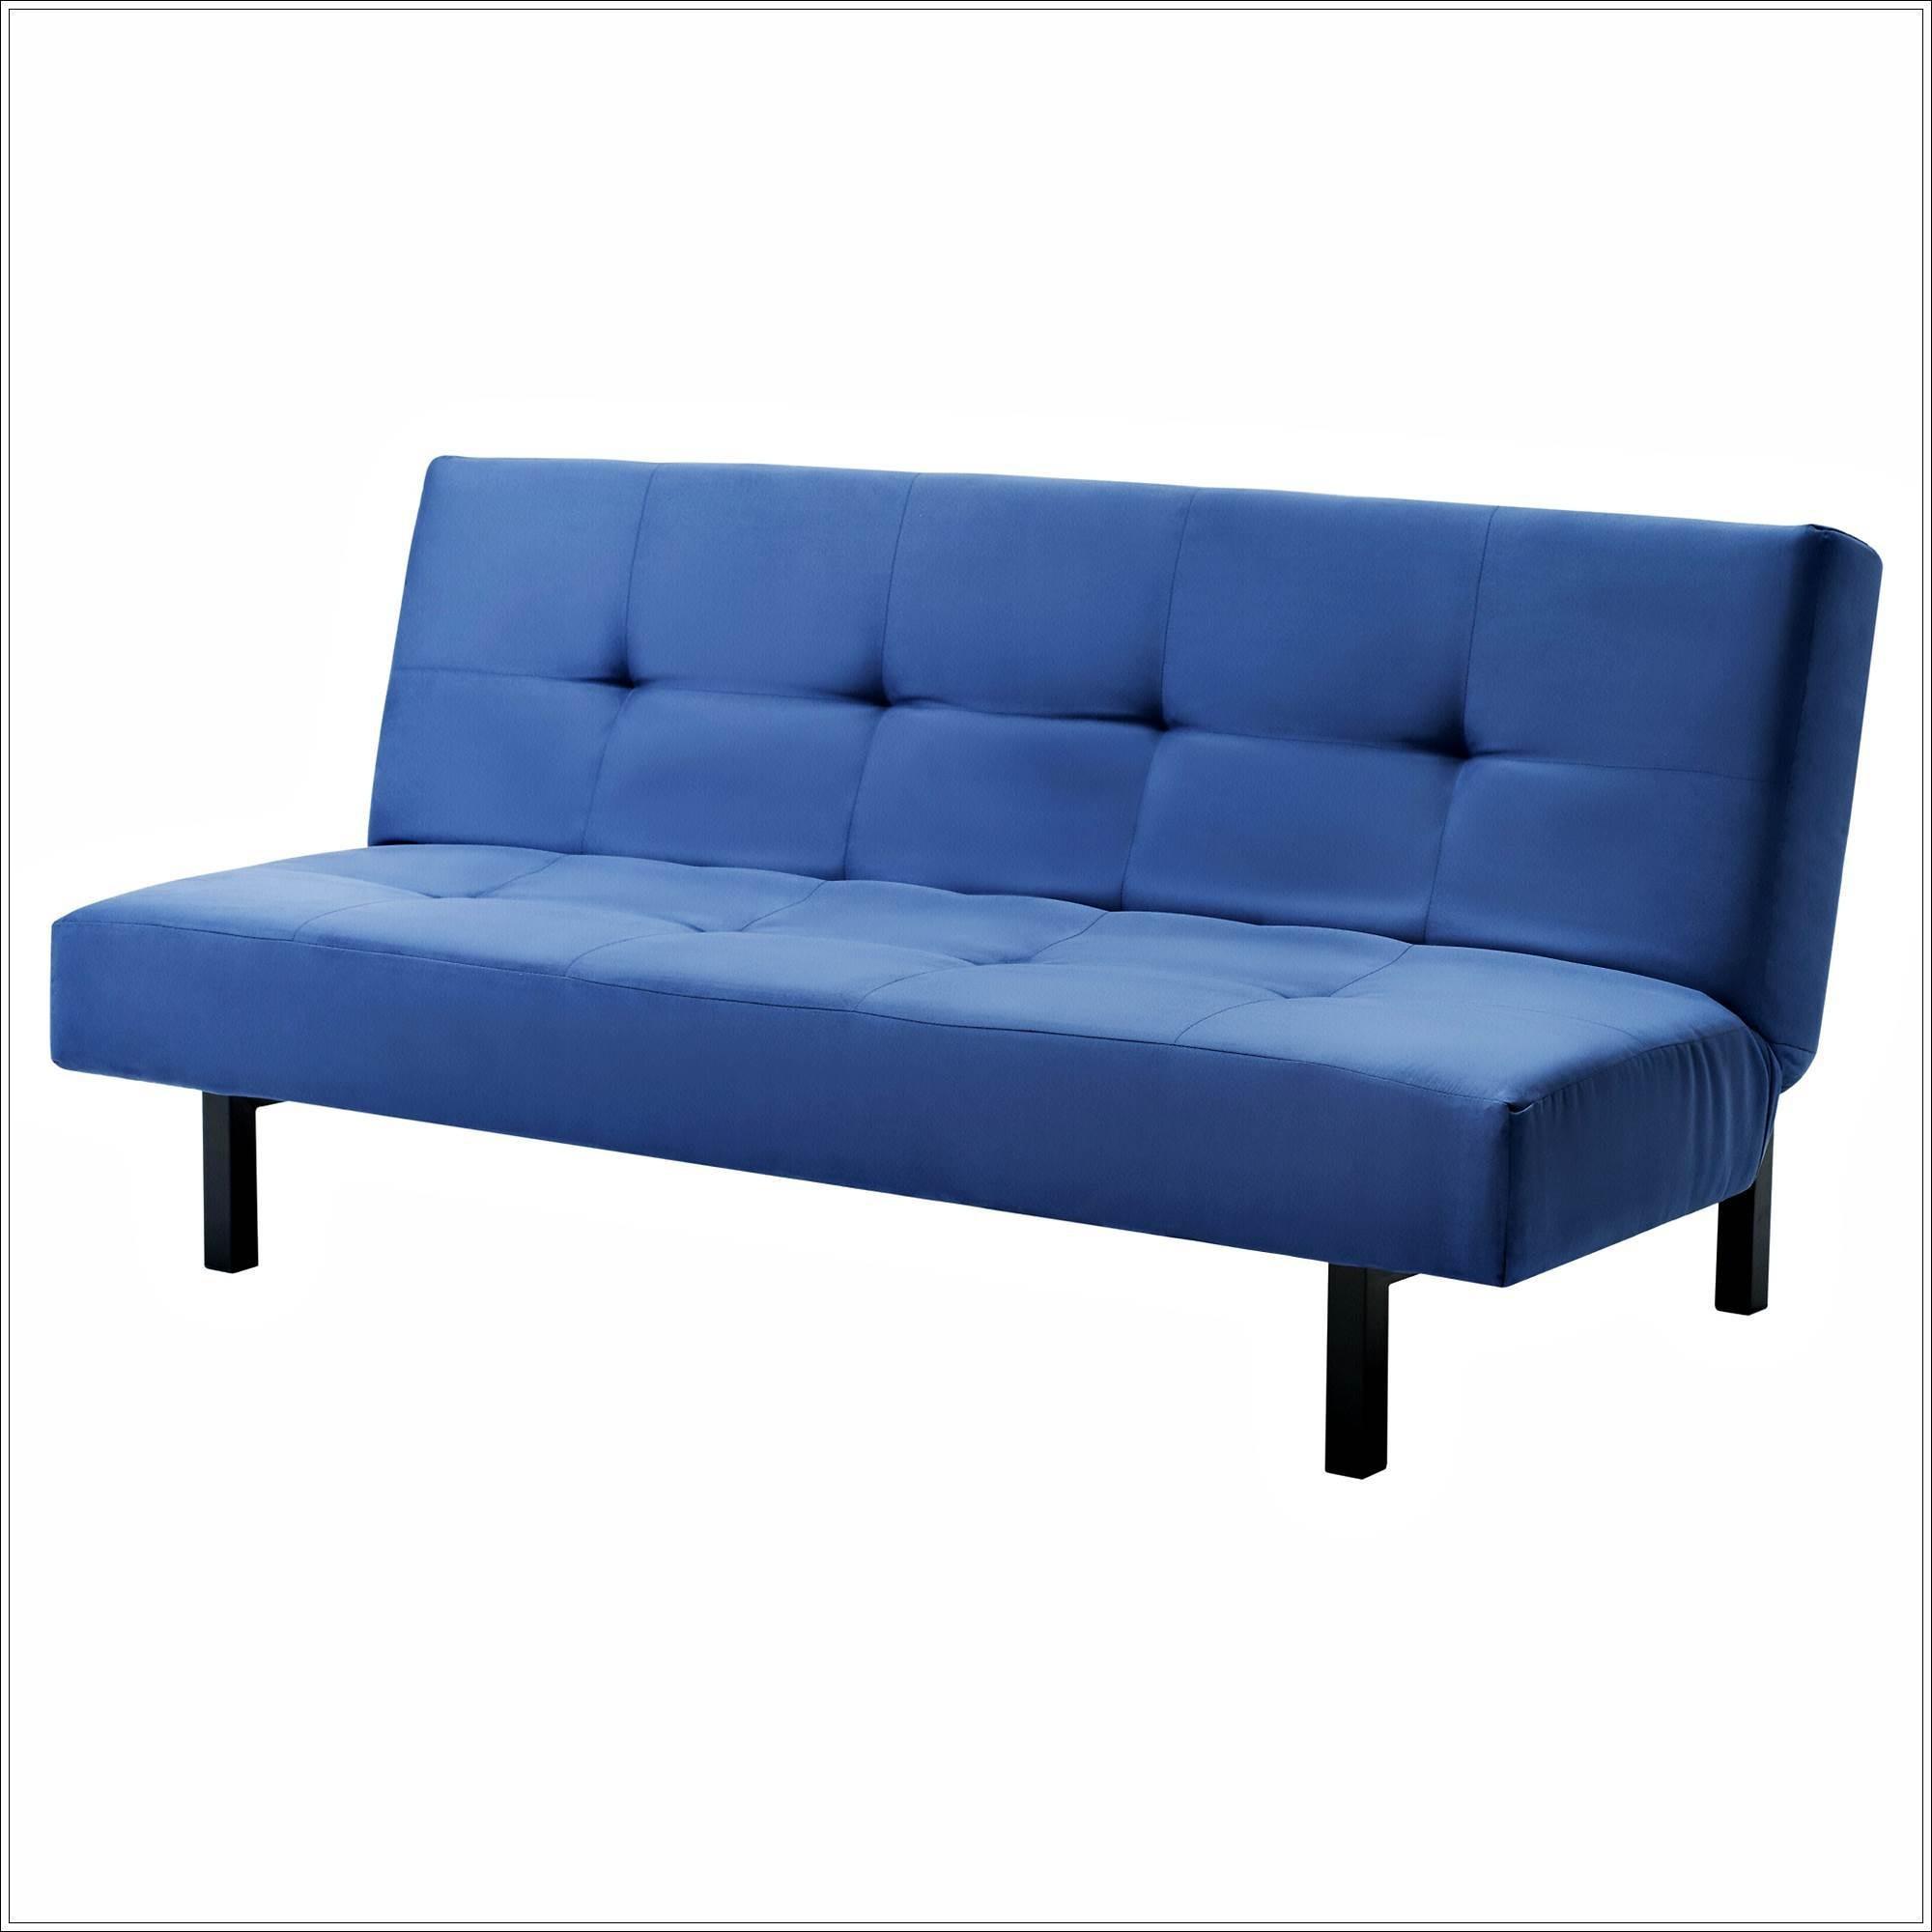 canap lit habitat meilleur de photos les 7 meilleures images du tableau canap s sur pinterest. Black Bedroom Furniture Sets. Home Design Ideas